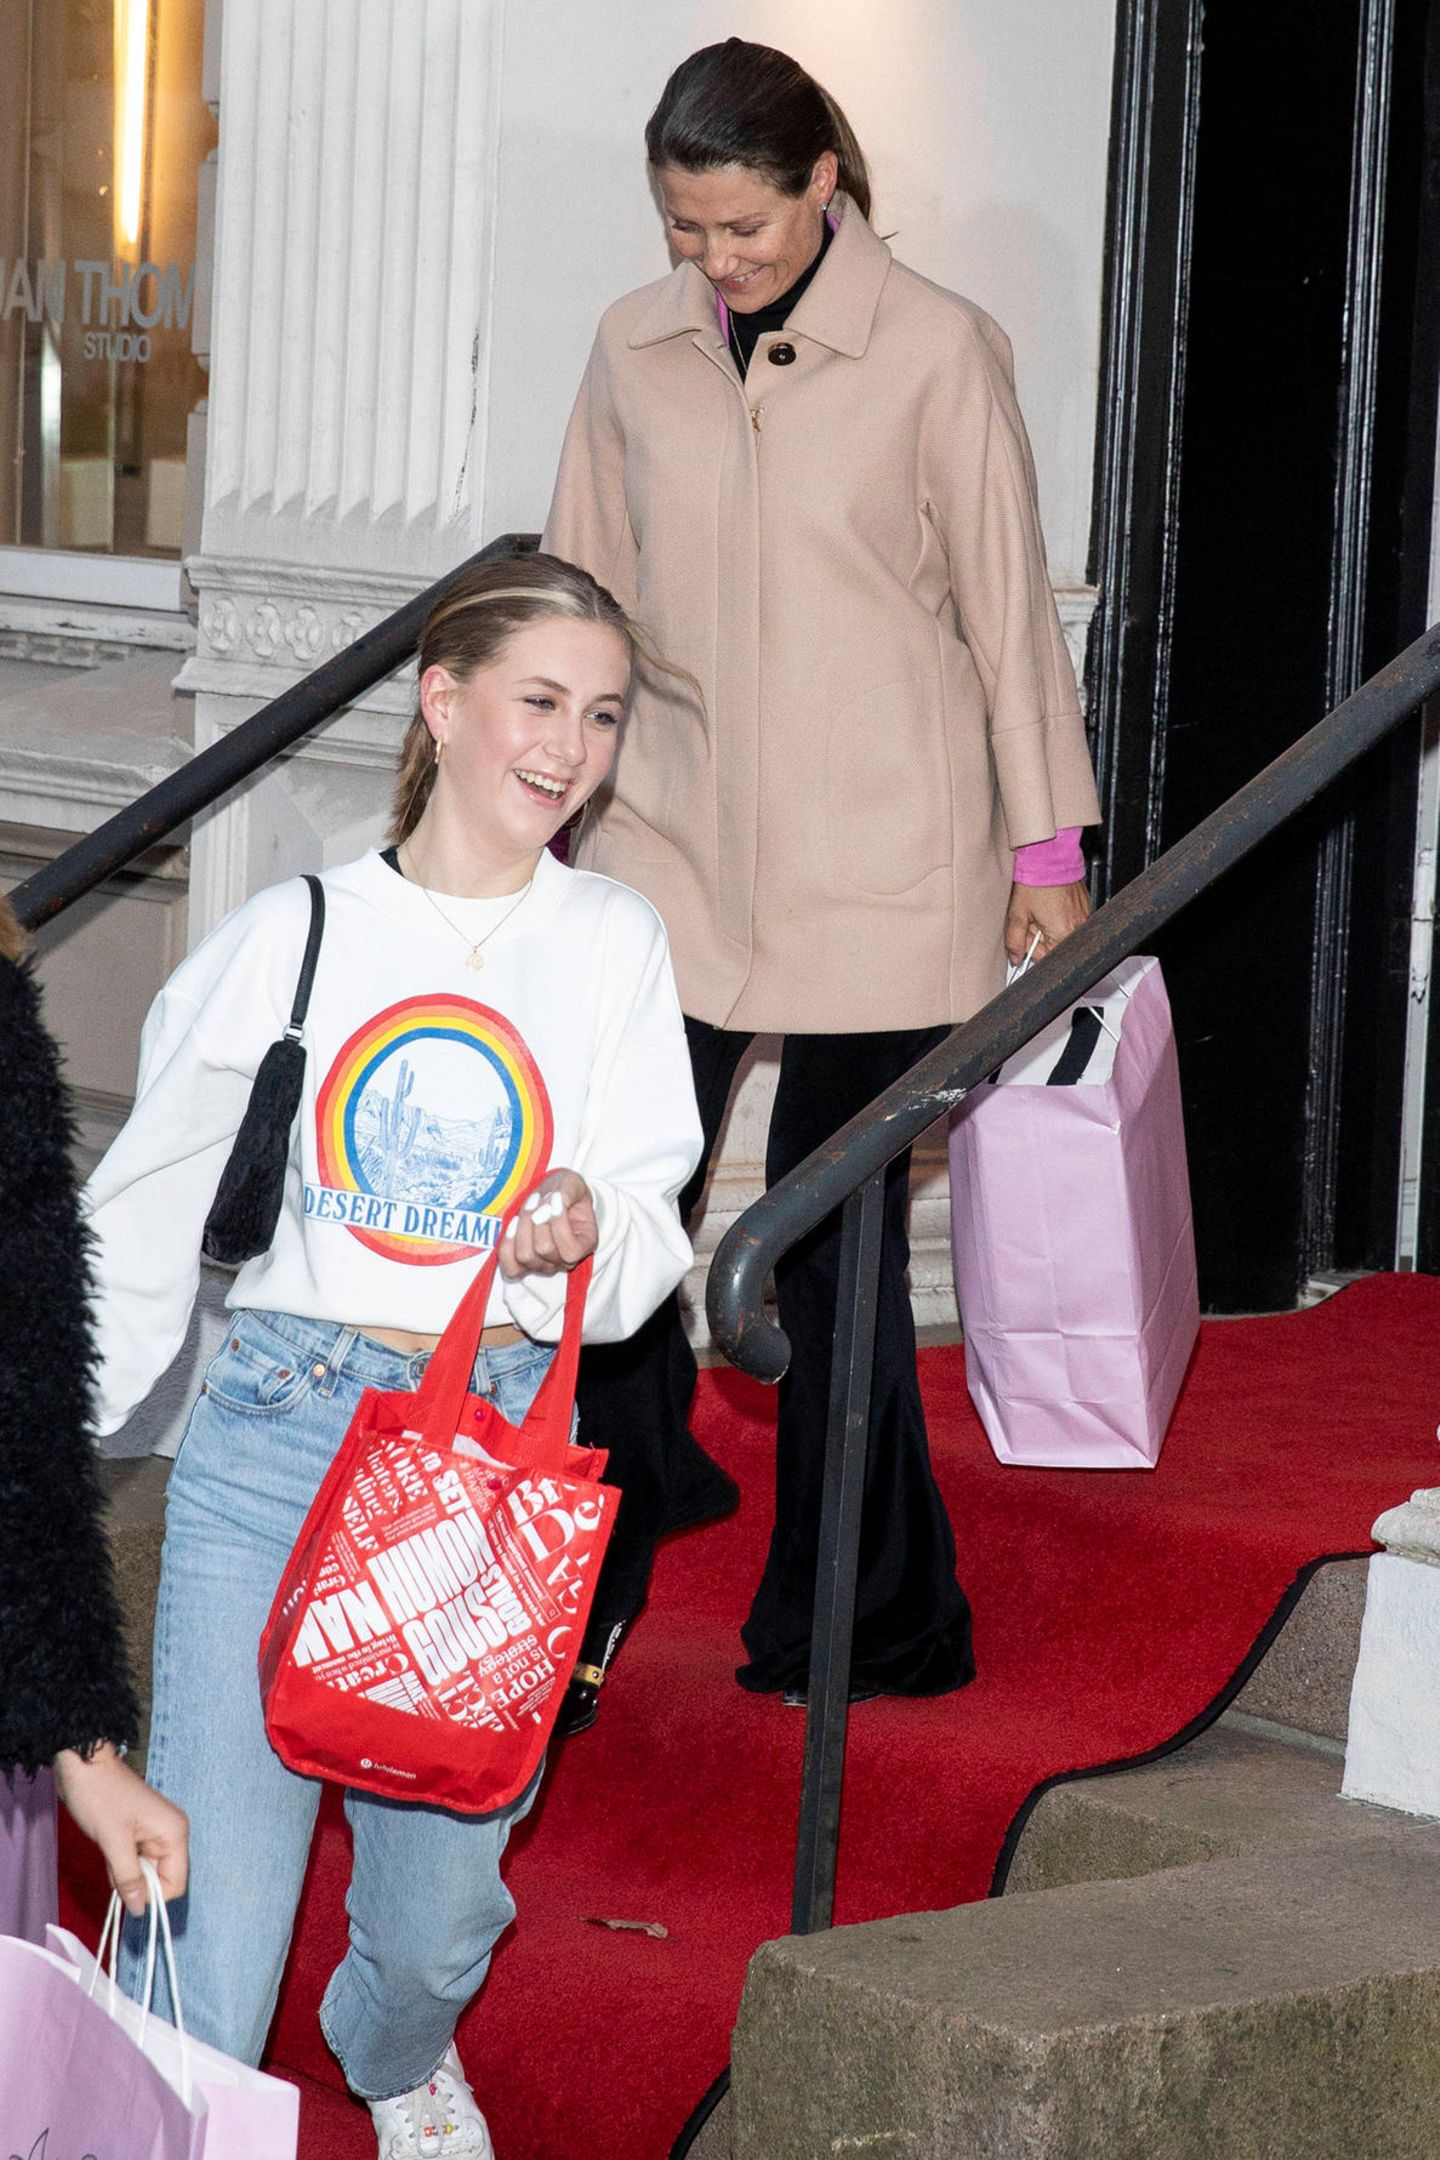 Es sind besondere Fotos, die Prinzessin Märtha Louise und ihre Tochter Leah Isadora zeigen, wie sie strahlend aus einem Beauty-Salon in Oslo kommen. Nach Gerüchten um einen temporären Auszug der Kinder, scheint sich die Schwester von Prinz Haakon extra Zeit für ihre Kinder zu nehmen. Ihre Jüngsteist ein absoluter Make-up-Junkie und zeigt auf ihrem Instagram-Account täglich neue Inspirationen. Der Look ausJeans und coolem Sweatshirt steht der 15-Jährigensuper. Genau so wie das ehrliche Lachen in ihrem Gesicht, das nach dem Suizid ihres Vaters knapp 10 Monate zuvor, ein wunderschöner Anblick ist.